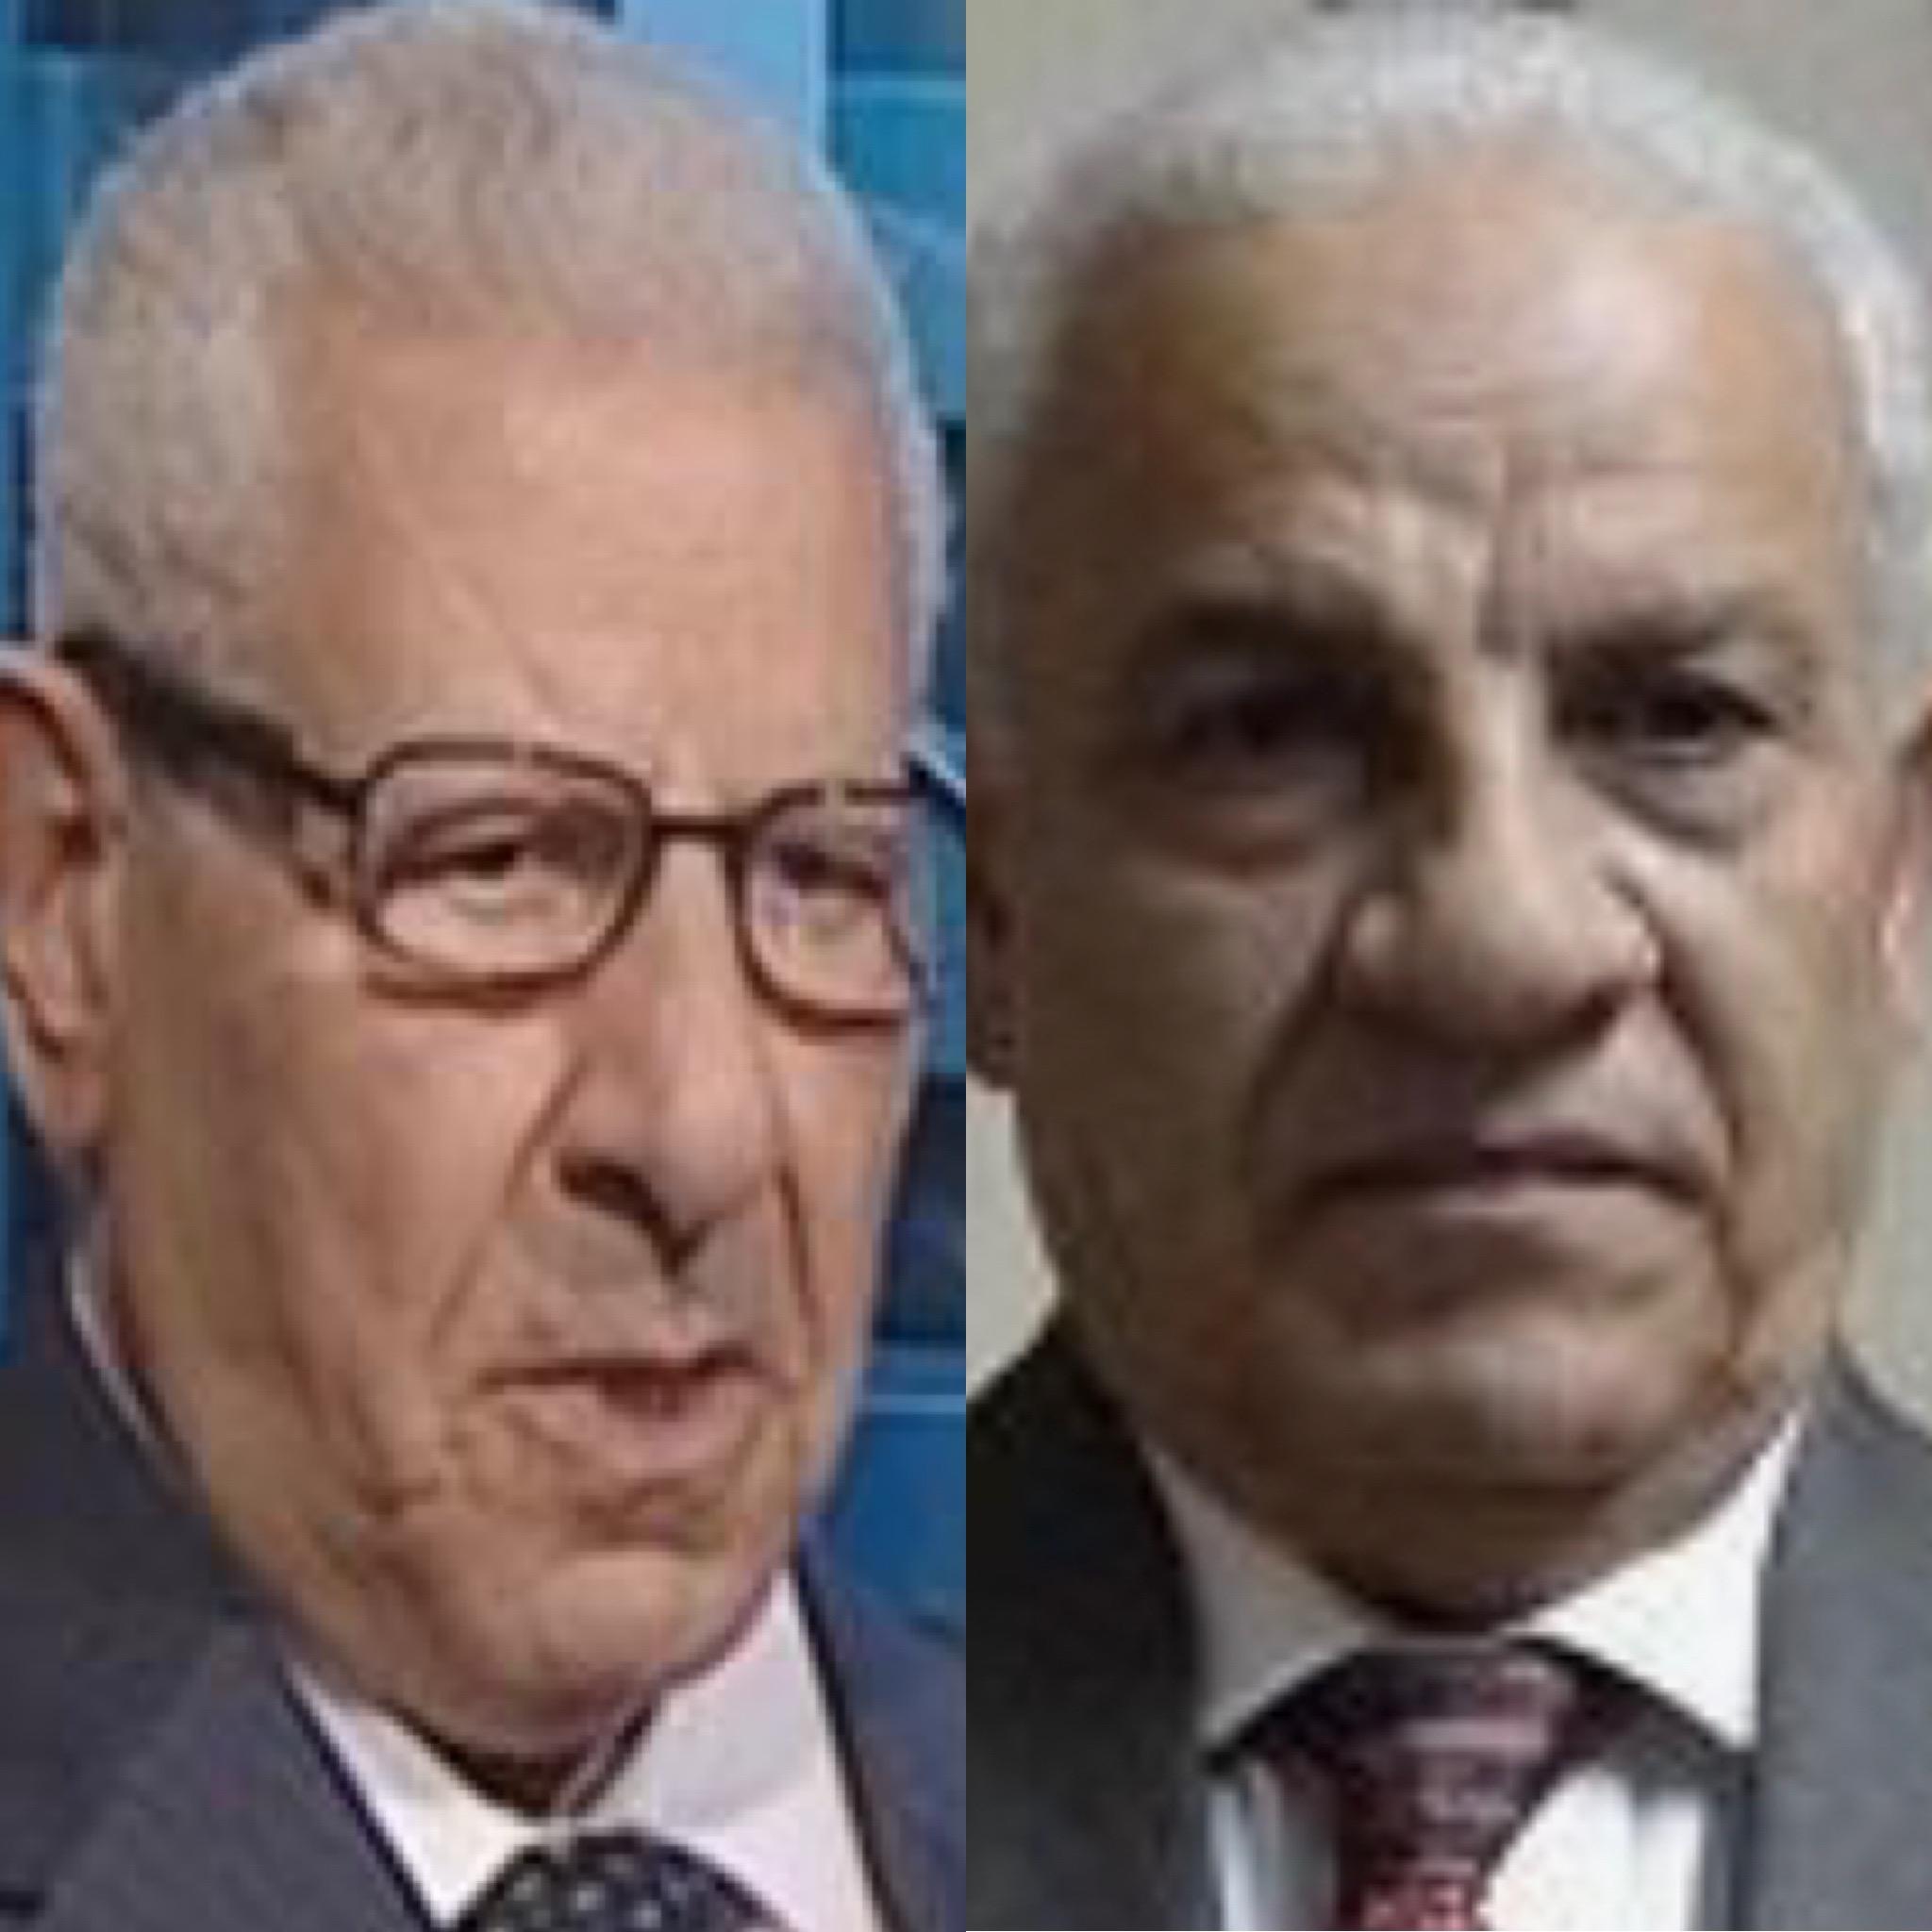 محمد صلاح الزهار ؛ فضيلة شيخ الأزهر المفتري عليه .!!